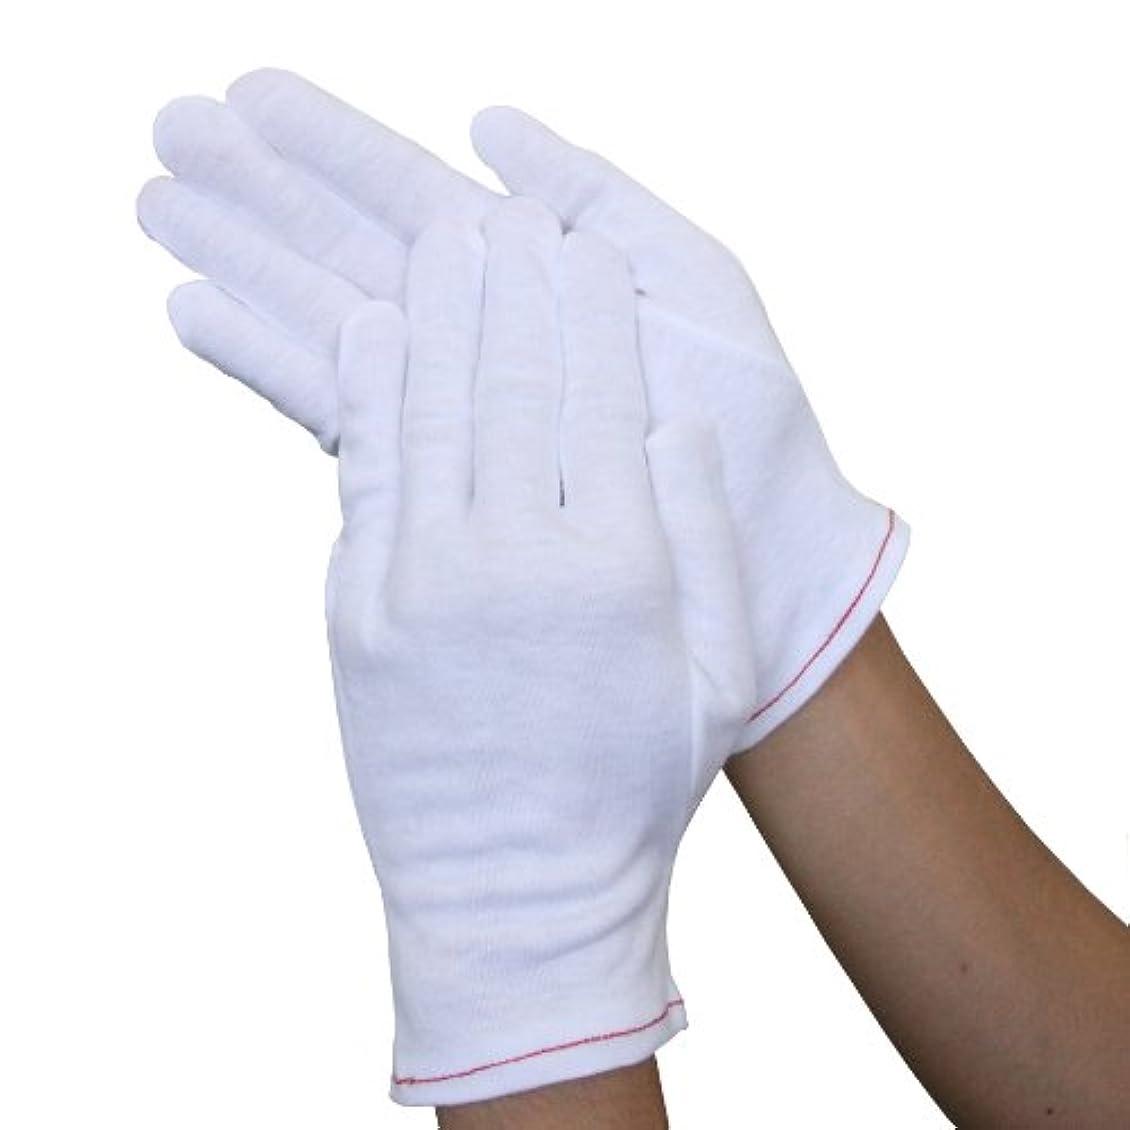 教義思い出させるアピールウインセス 【心地よい肌触り/おやすみ手袋】 綿100%手袋 (2双) (LL)